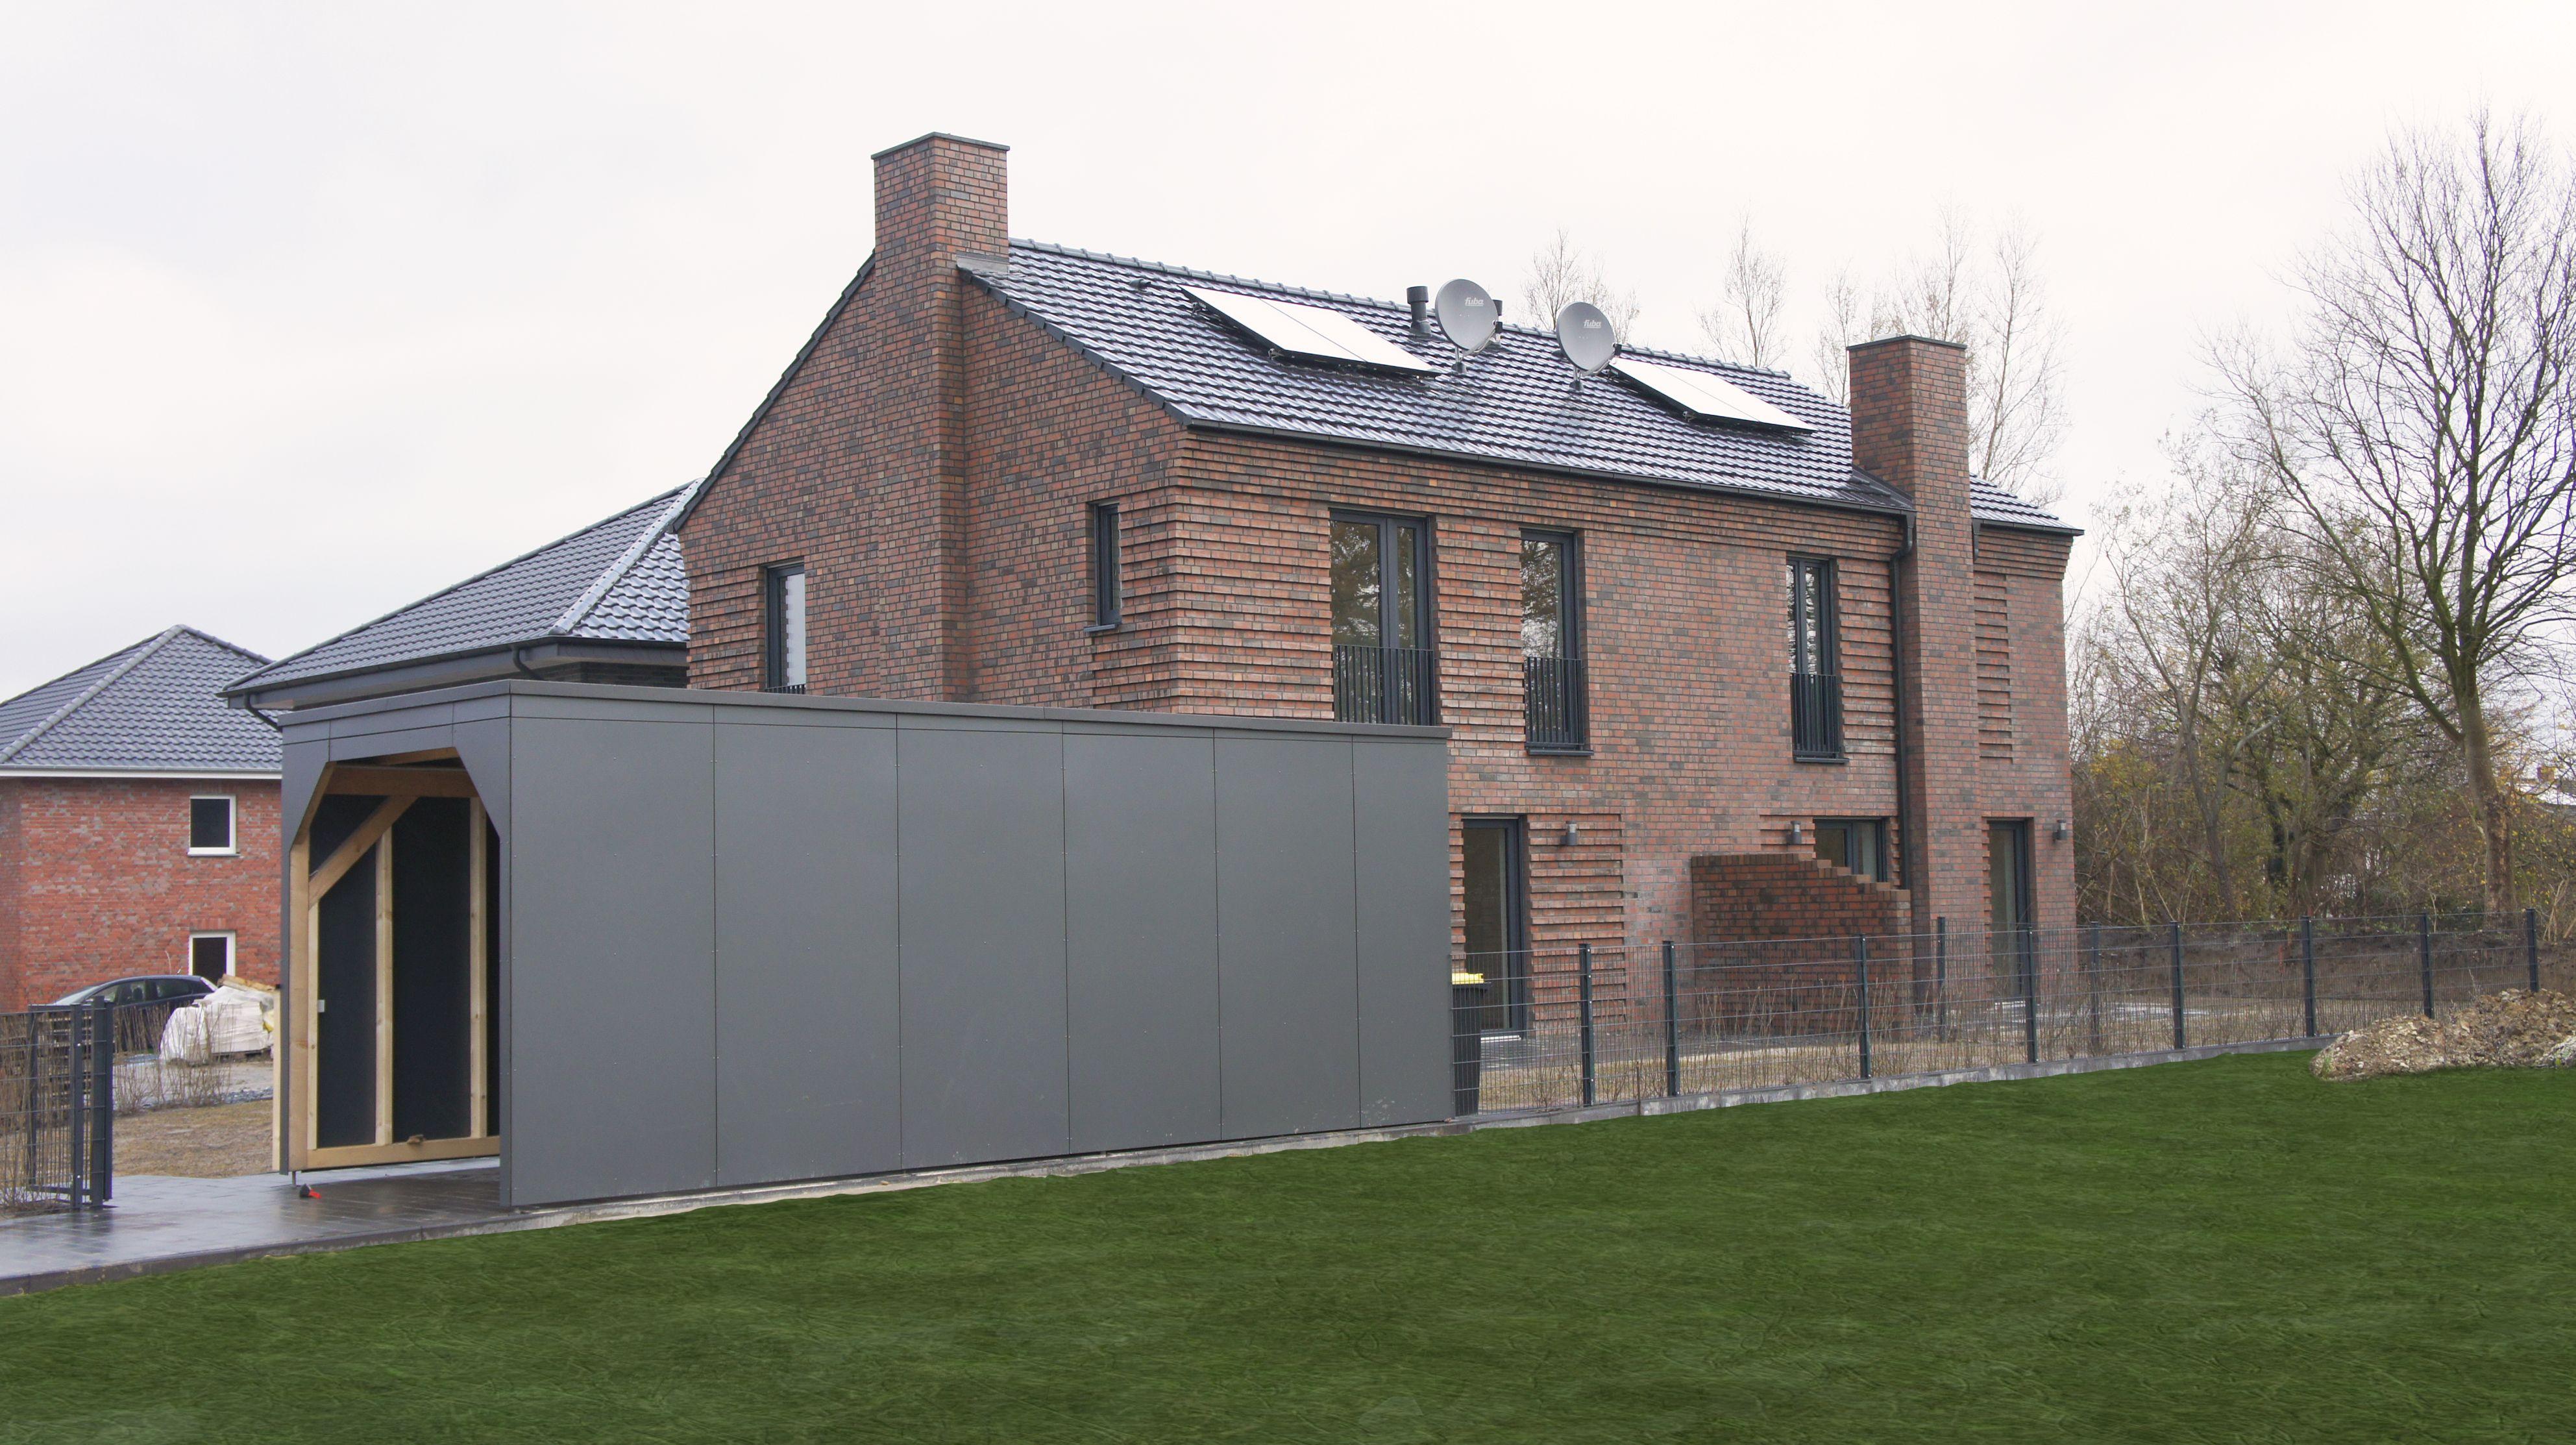 Trennwand Terrasse Doppelhaus Terrasse Zaun Cute Sichtschutz